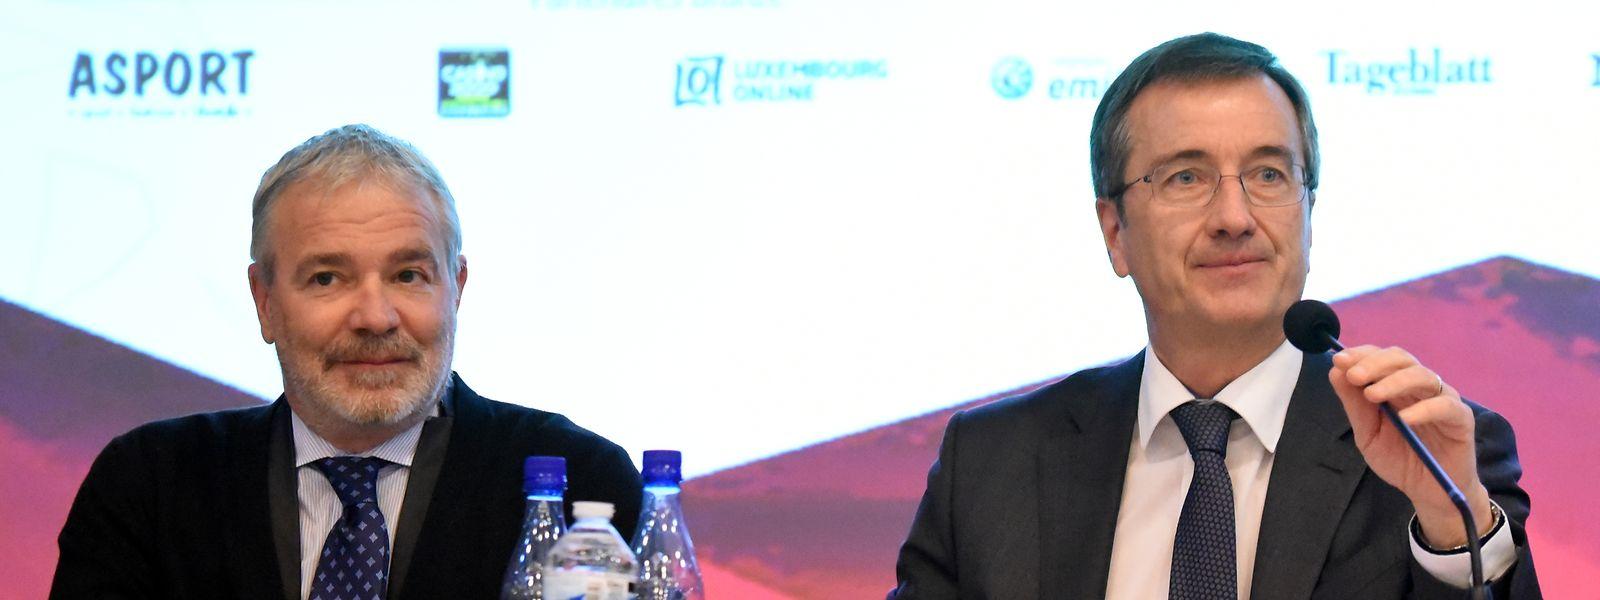 Sportminister Dan Kersch (l., hier neben COSL-Präsident André Hoffmann) nahm in seiner neuen Funktion erstmals am COSL-Kongress teil.